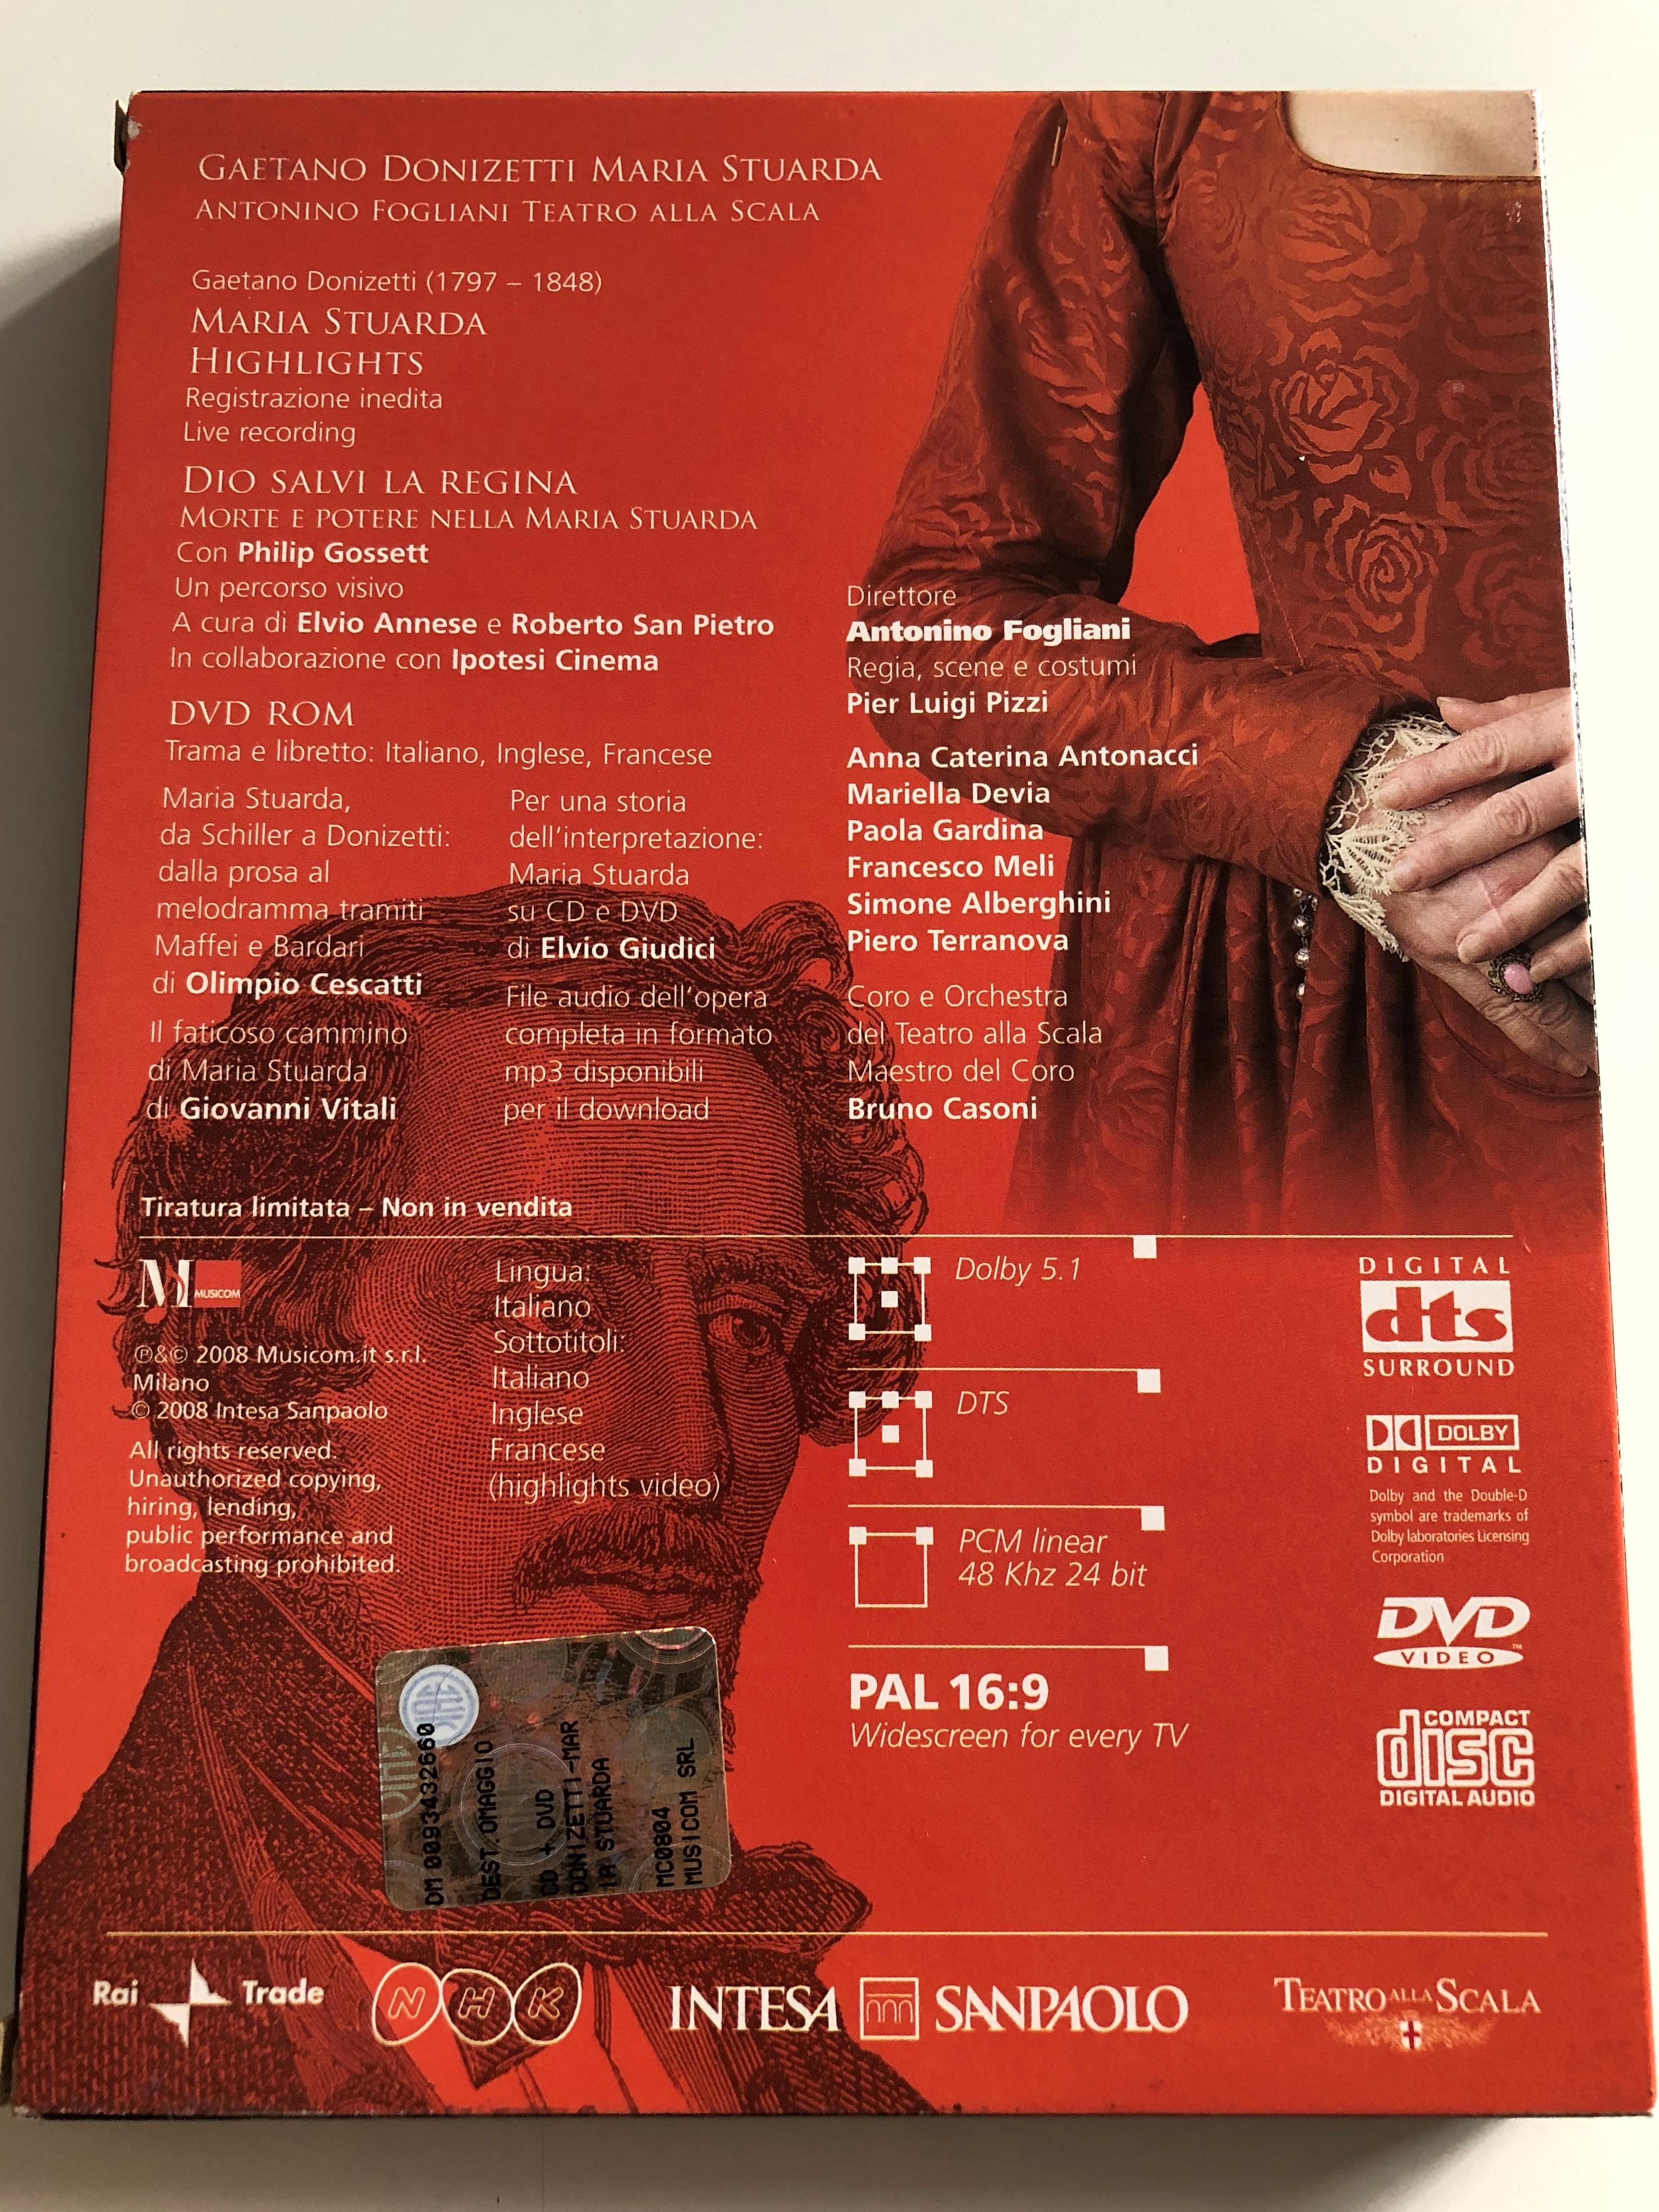 gaetano-donizetti-maria-stuarda-highlights-dvd-cd-conducted-by-antonio-fogliani-teatro-alla-scala-live-recording-vox-imago-3-.jpg